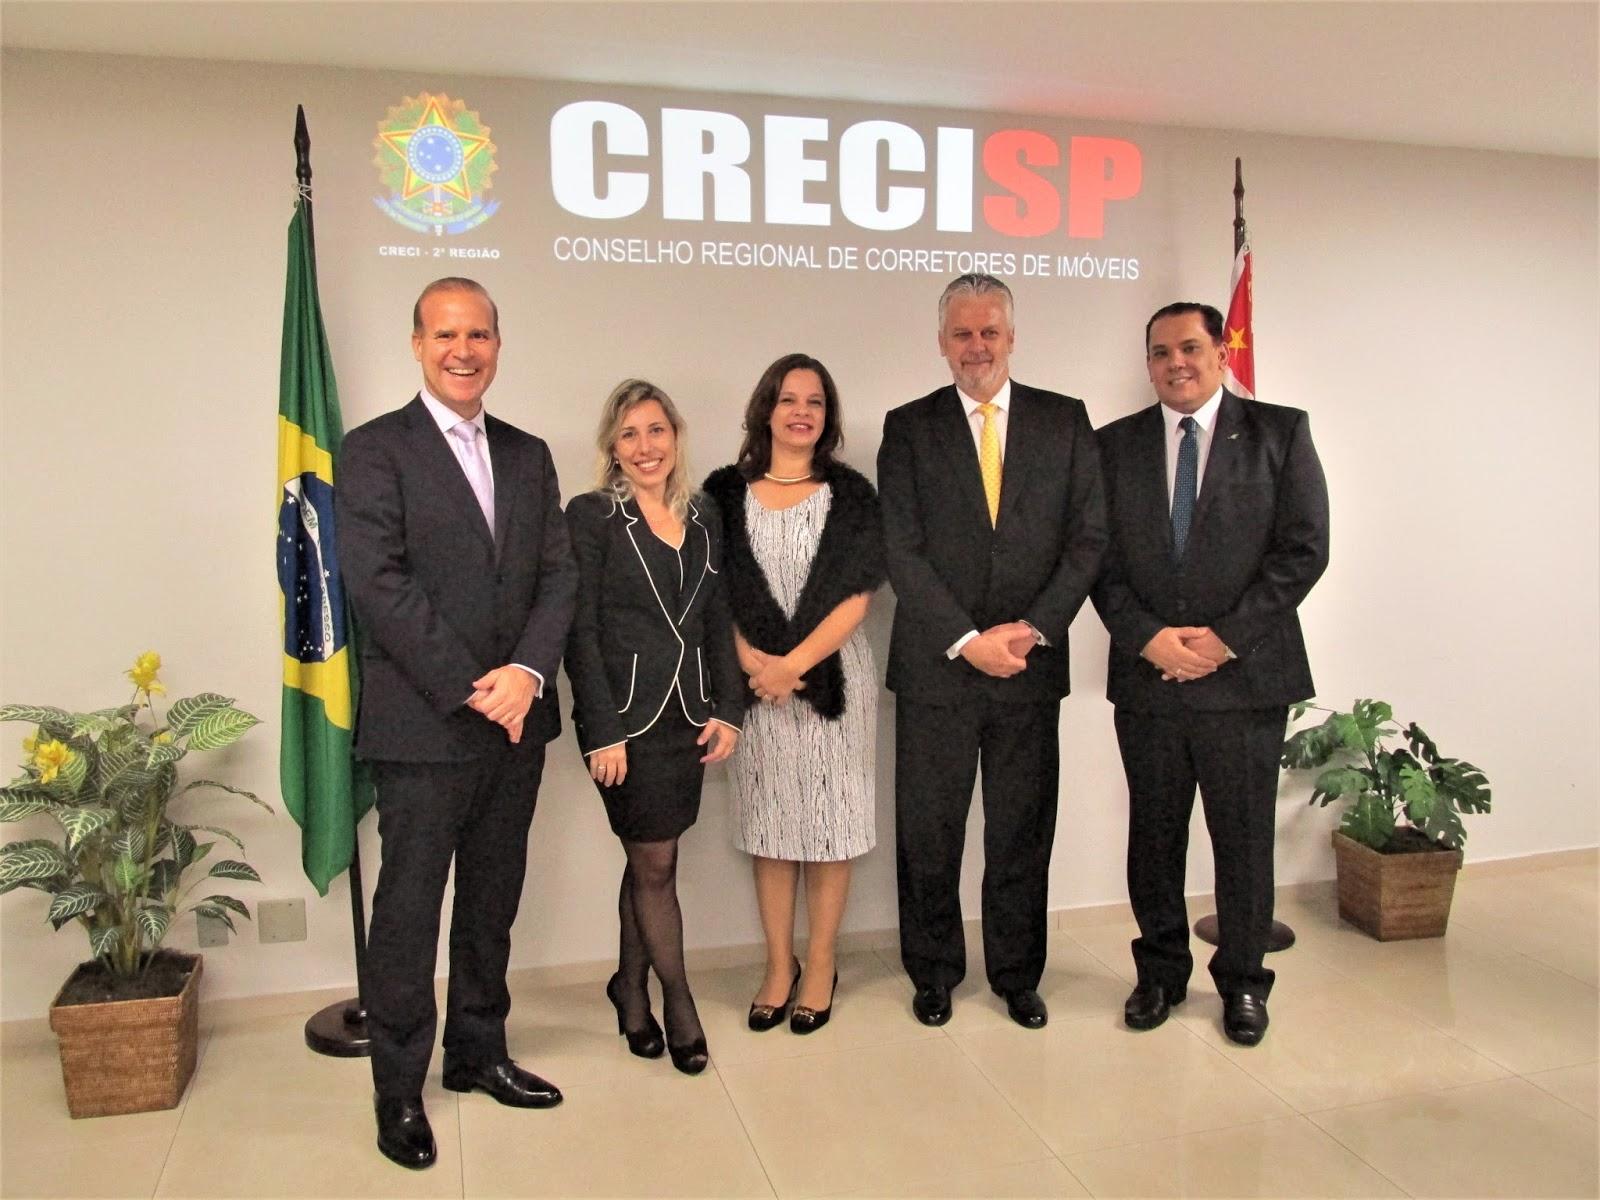 INAUGURAÇÃO DO CEJUSC NO CONSELHO REGIONAL DE CORRETORES DE IMÓVEIS-CRECI/SP EM 16.05.2017;